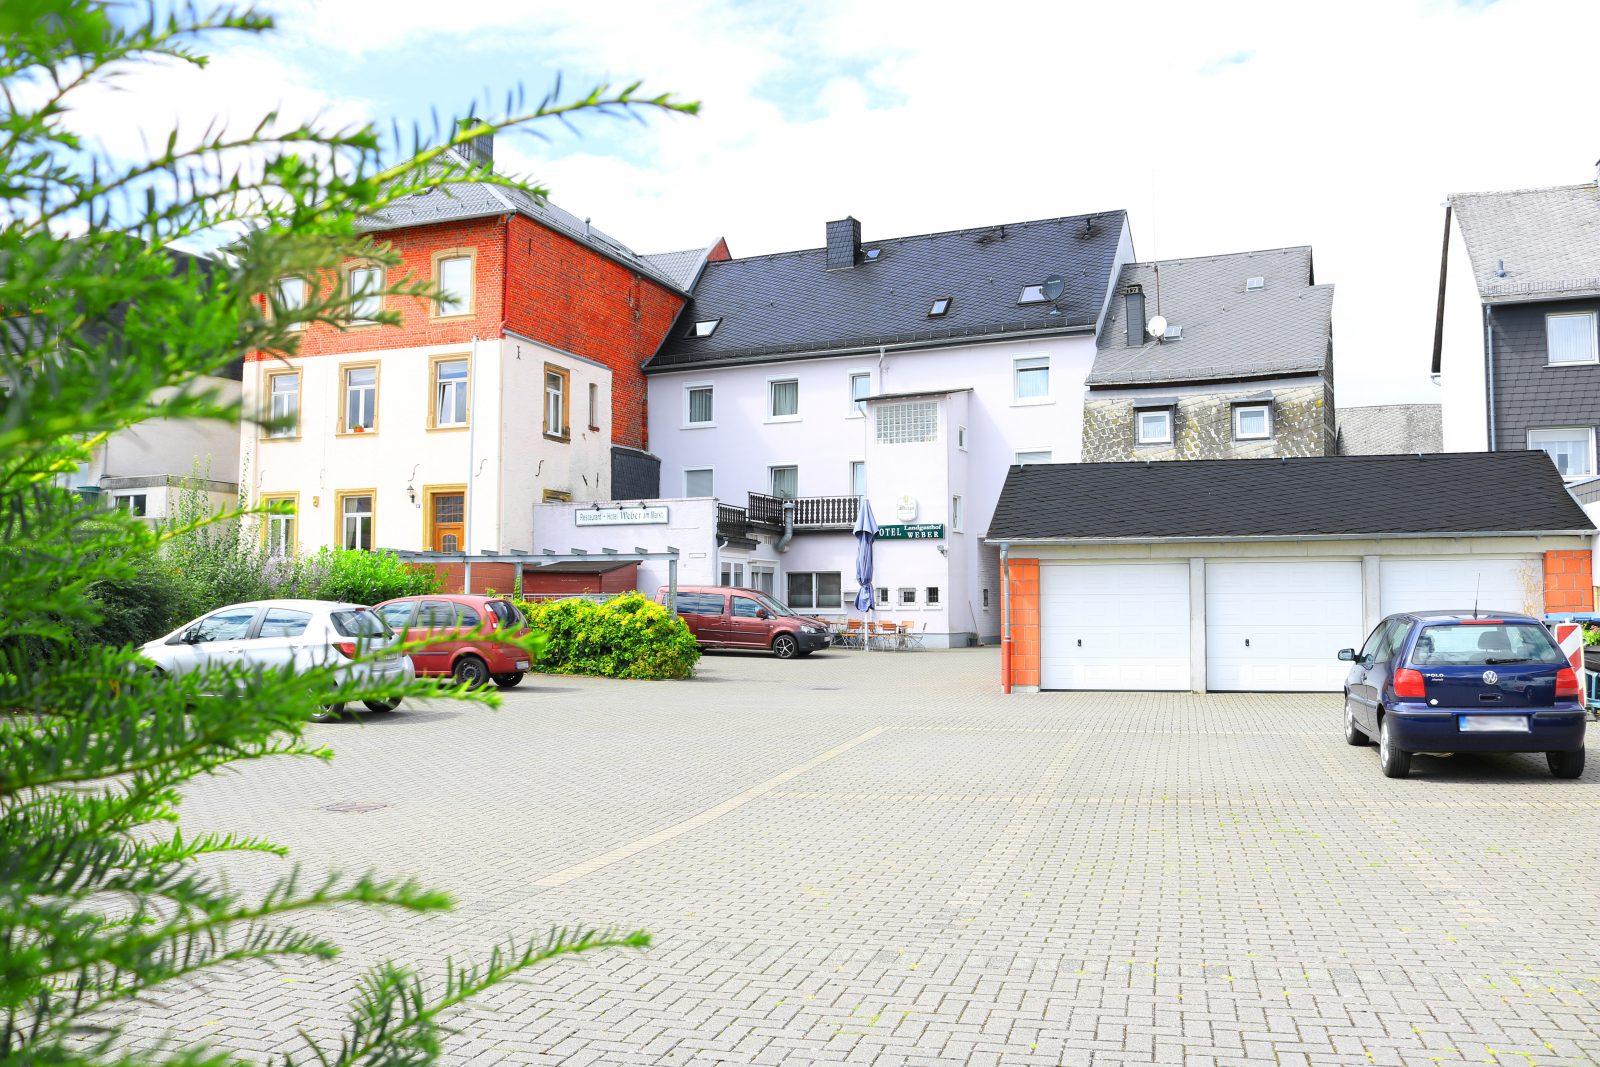 Parkplatz mit Garage